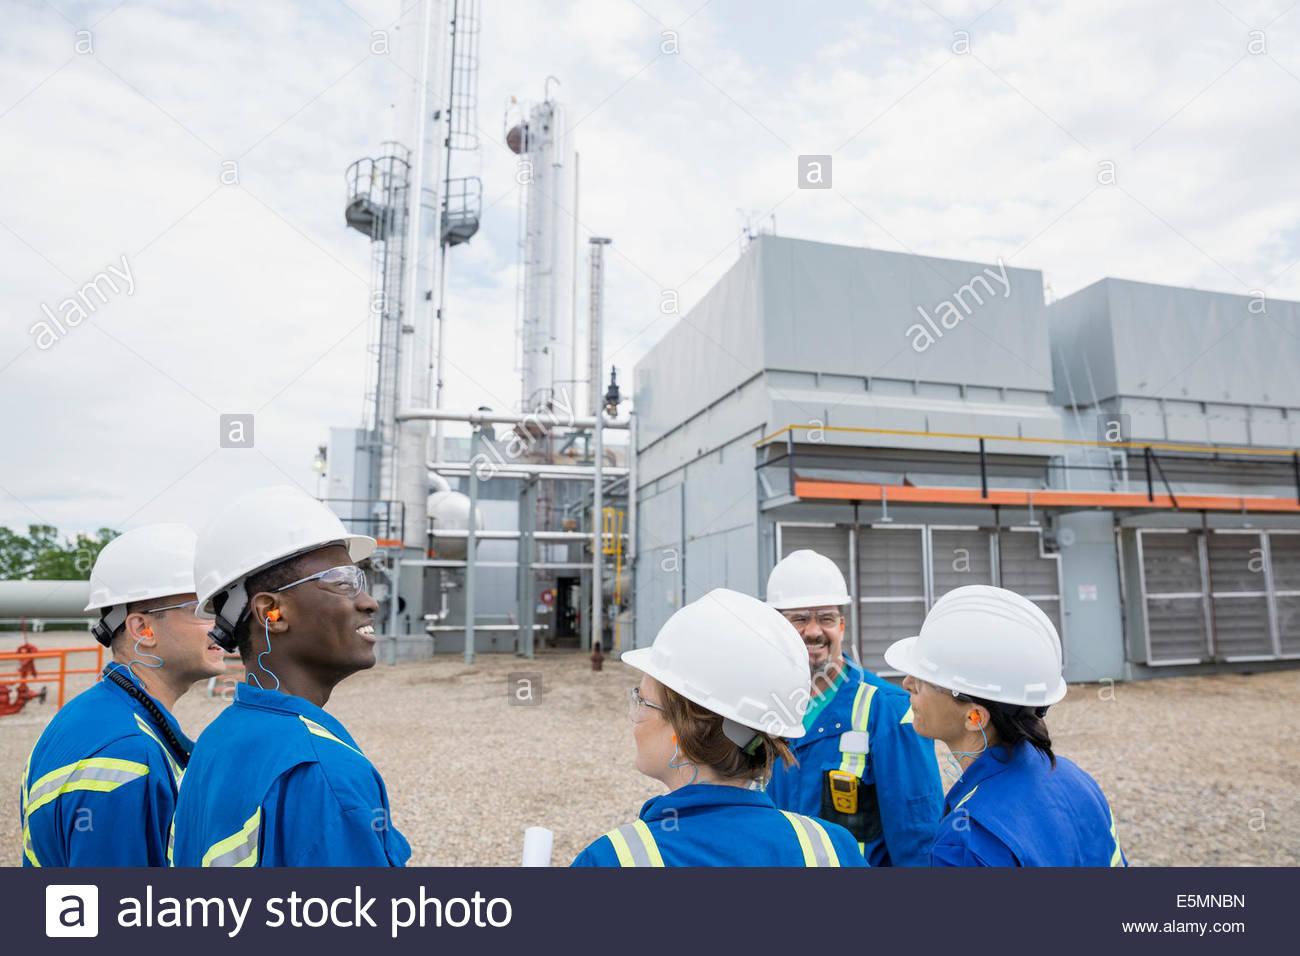 Réunion des travailleurs de l'usine à gaz à l'extérieur Photo Stock